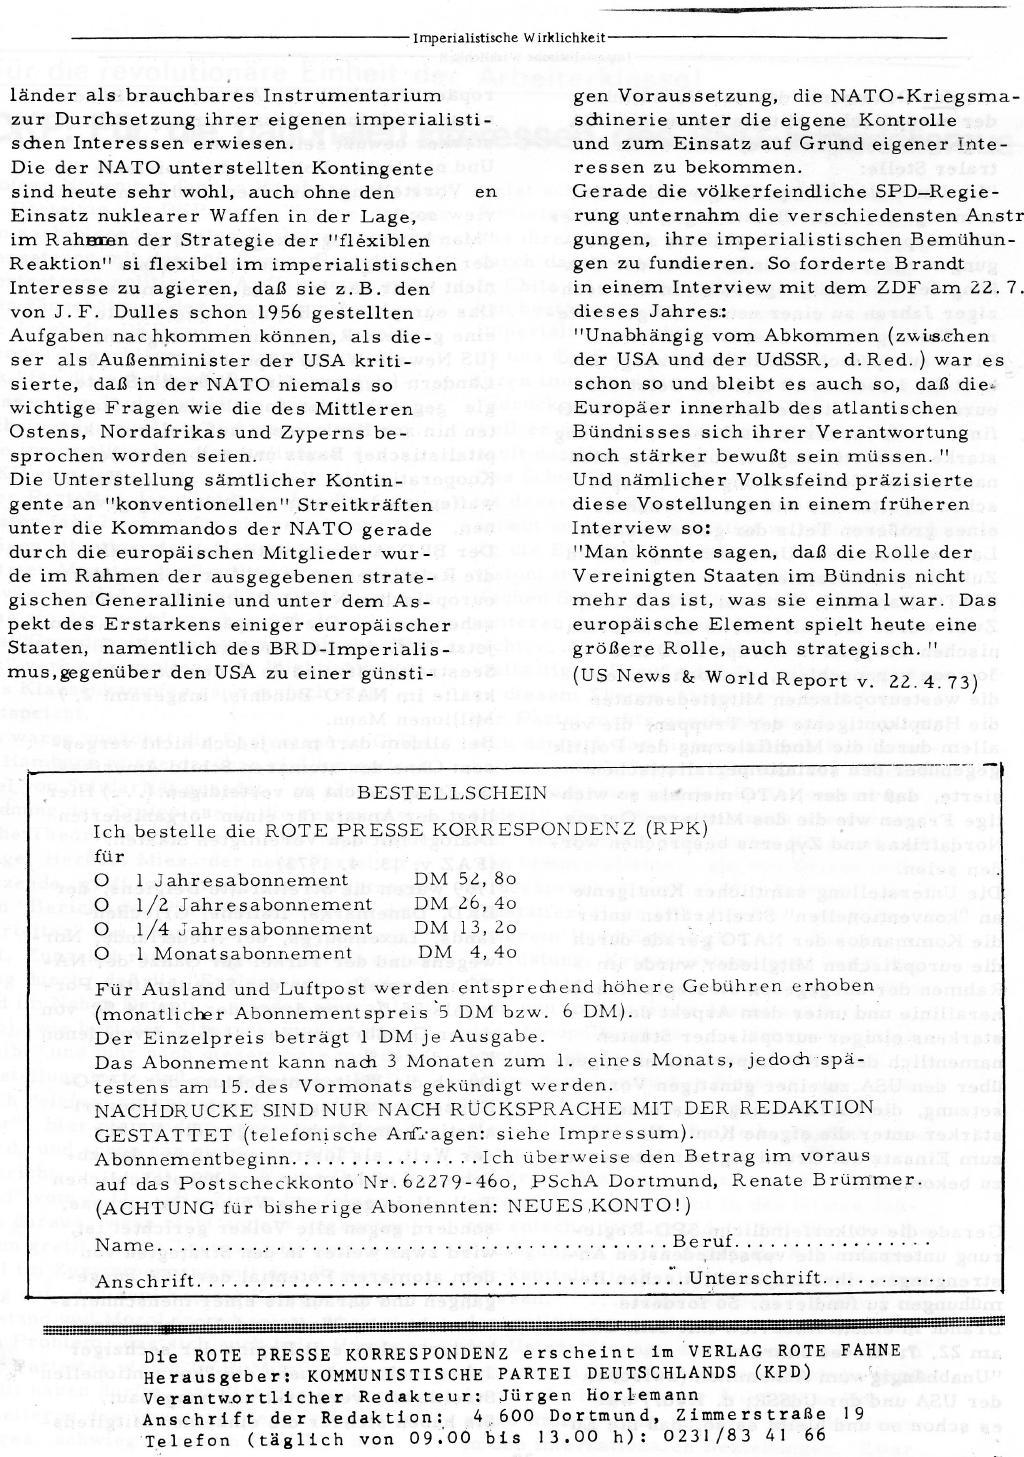 RPK_1973_038_039_40